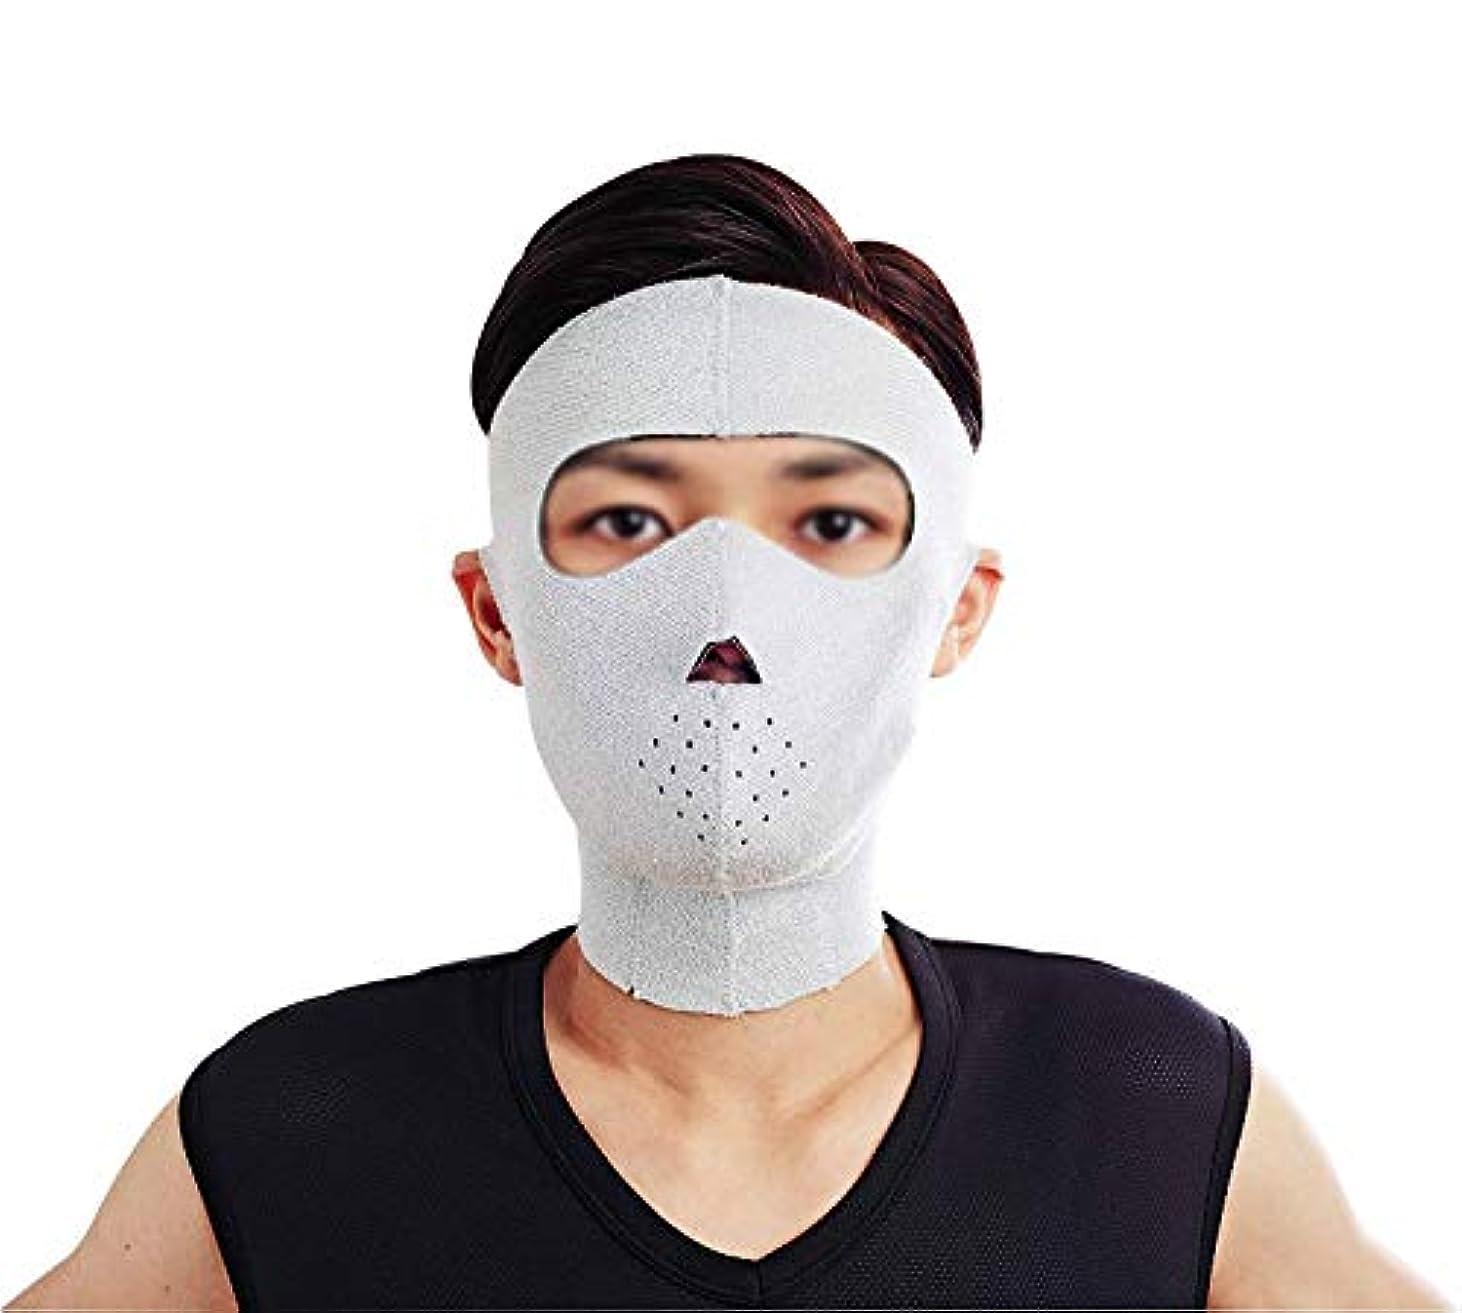 永遠の市の花聖なるTLMY 薄い顔のマスクのマスクと男性のネックバンドとの垂れ下がり防止の薄い顔のマスクの薄い顔のマスクのアーチファクトの美しさを引き締め 顔用整形マスク